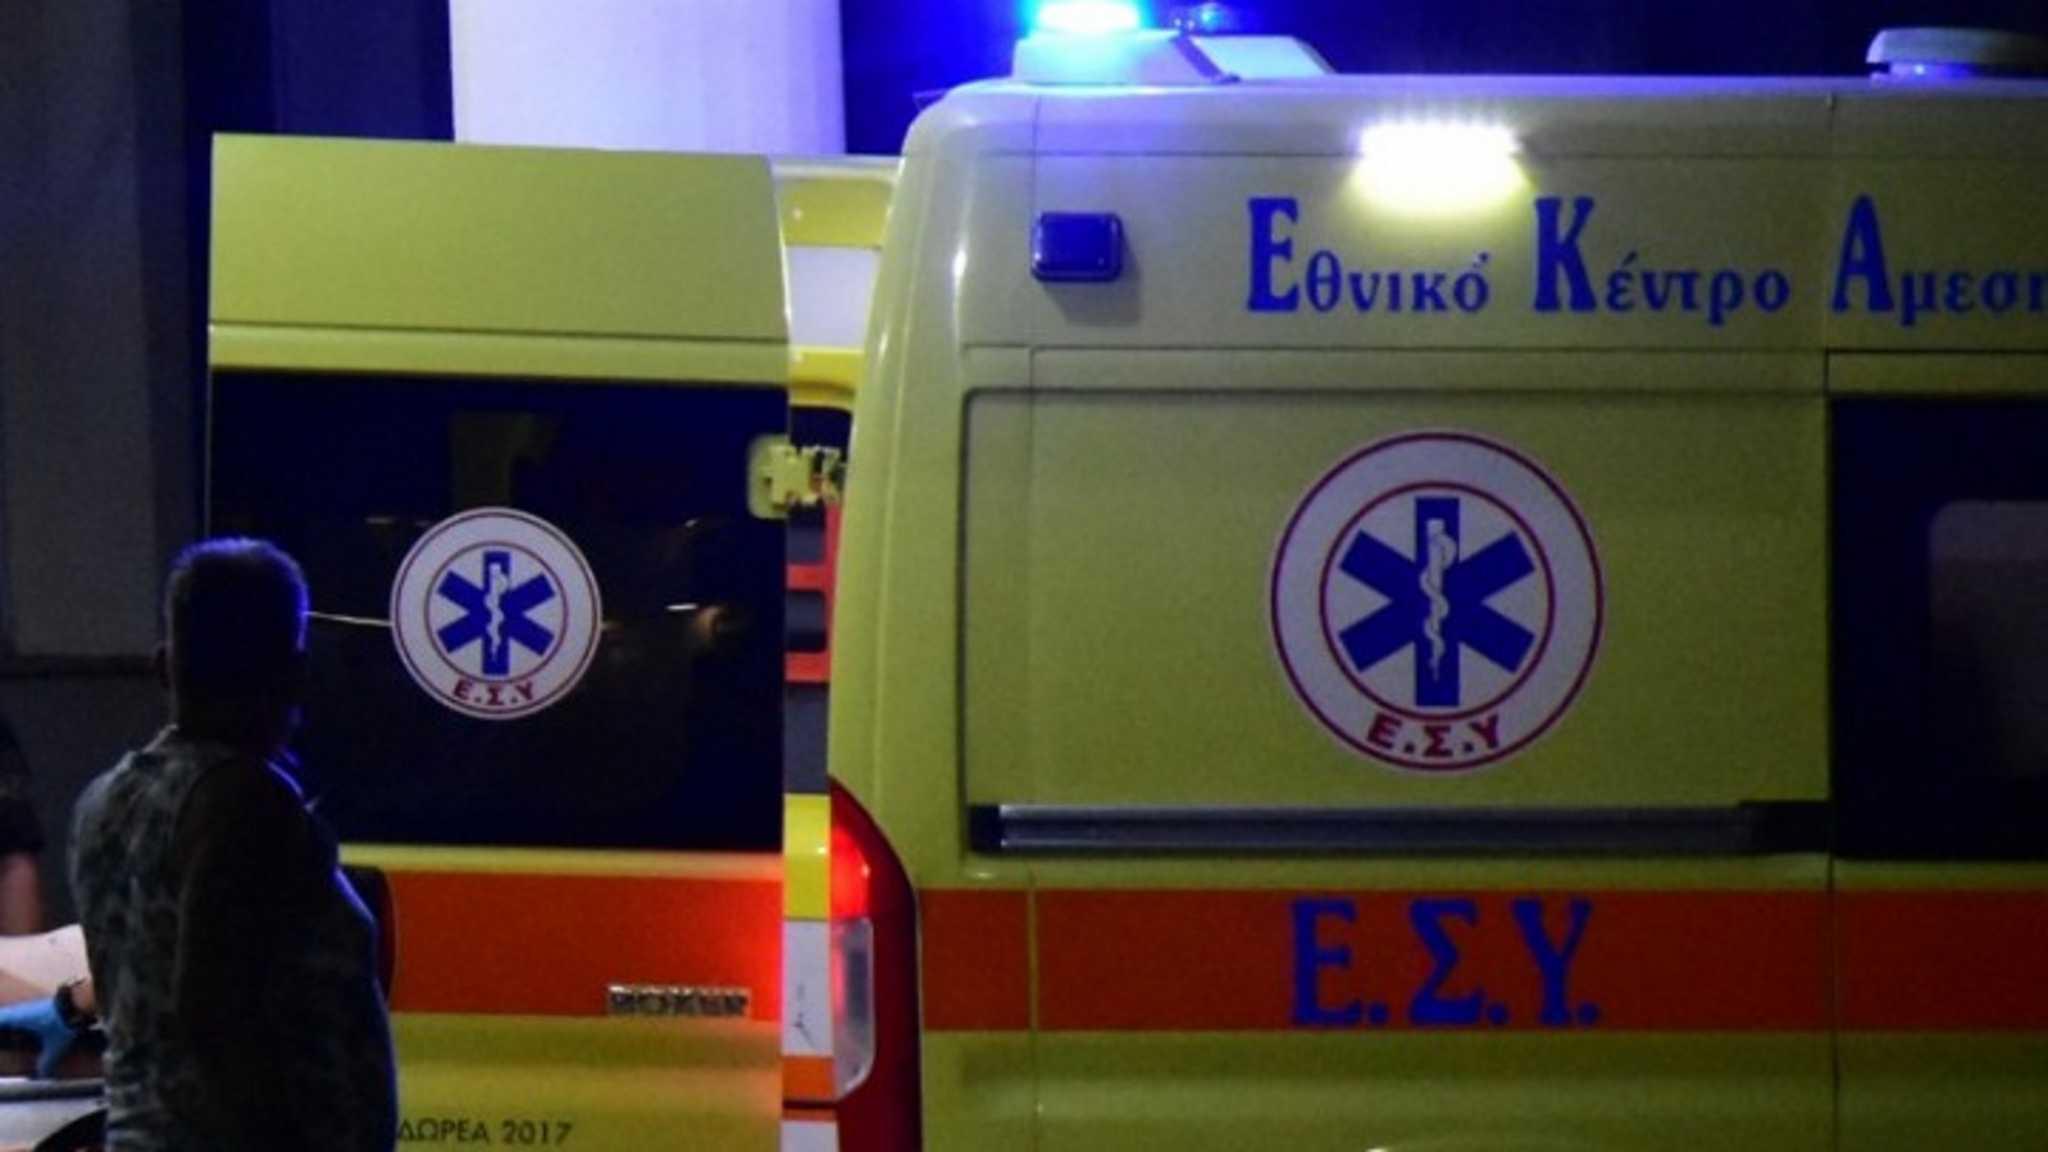 Χίος: Σπαραγμός στη δομή της ΒΙΑΛ – Μπήκαν στη σκηνή και τον βρήκαν νεκρό